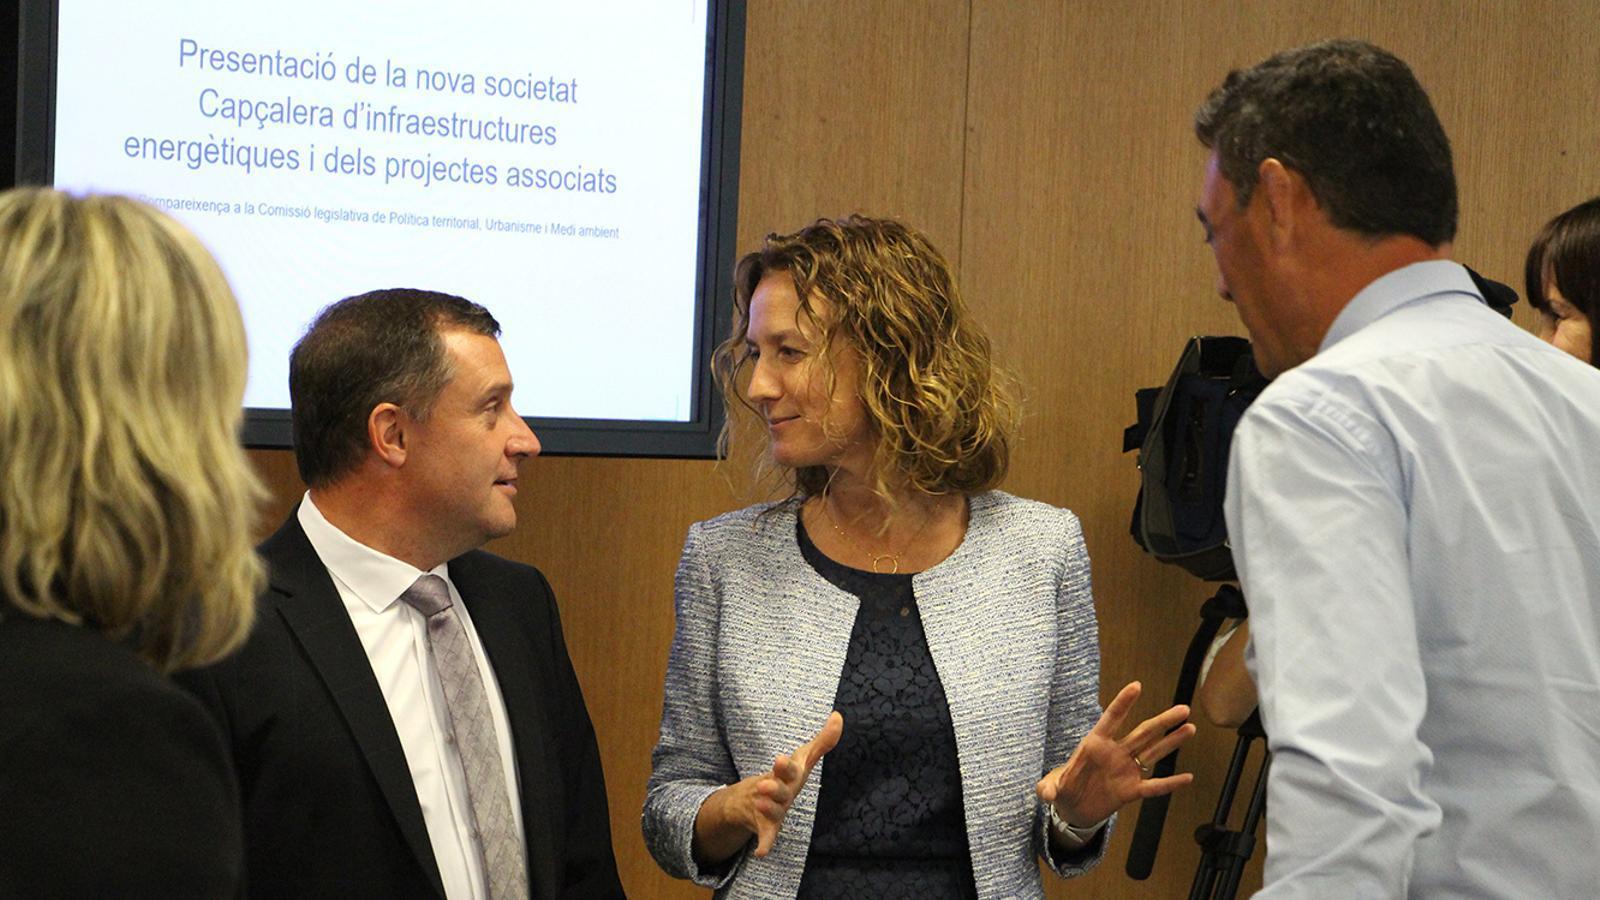 La ministra de Medi Ambient, Agricultura i Sostenibilitat, Sílvia Calvó, conversa amb el president de la comissió legislativa de Política Territorial, Urbanisme i Medi Ambient, Josep Majoral. / C. A. (ANA)